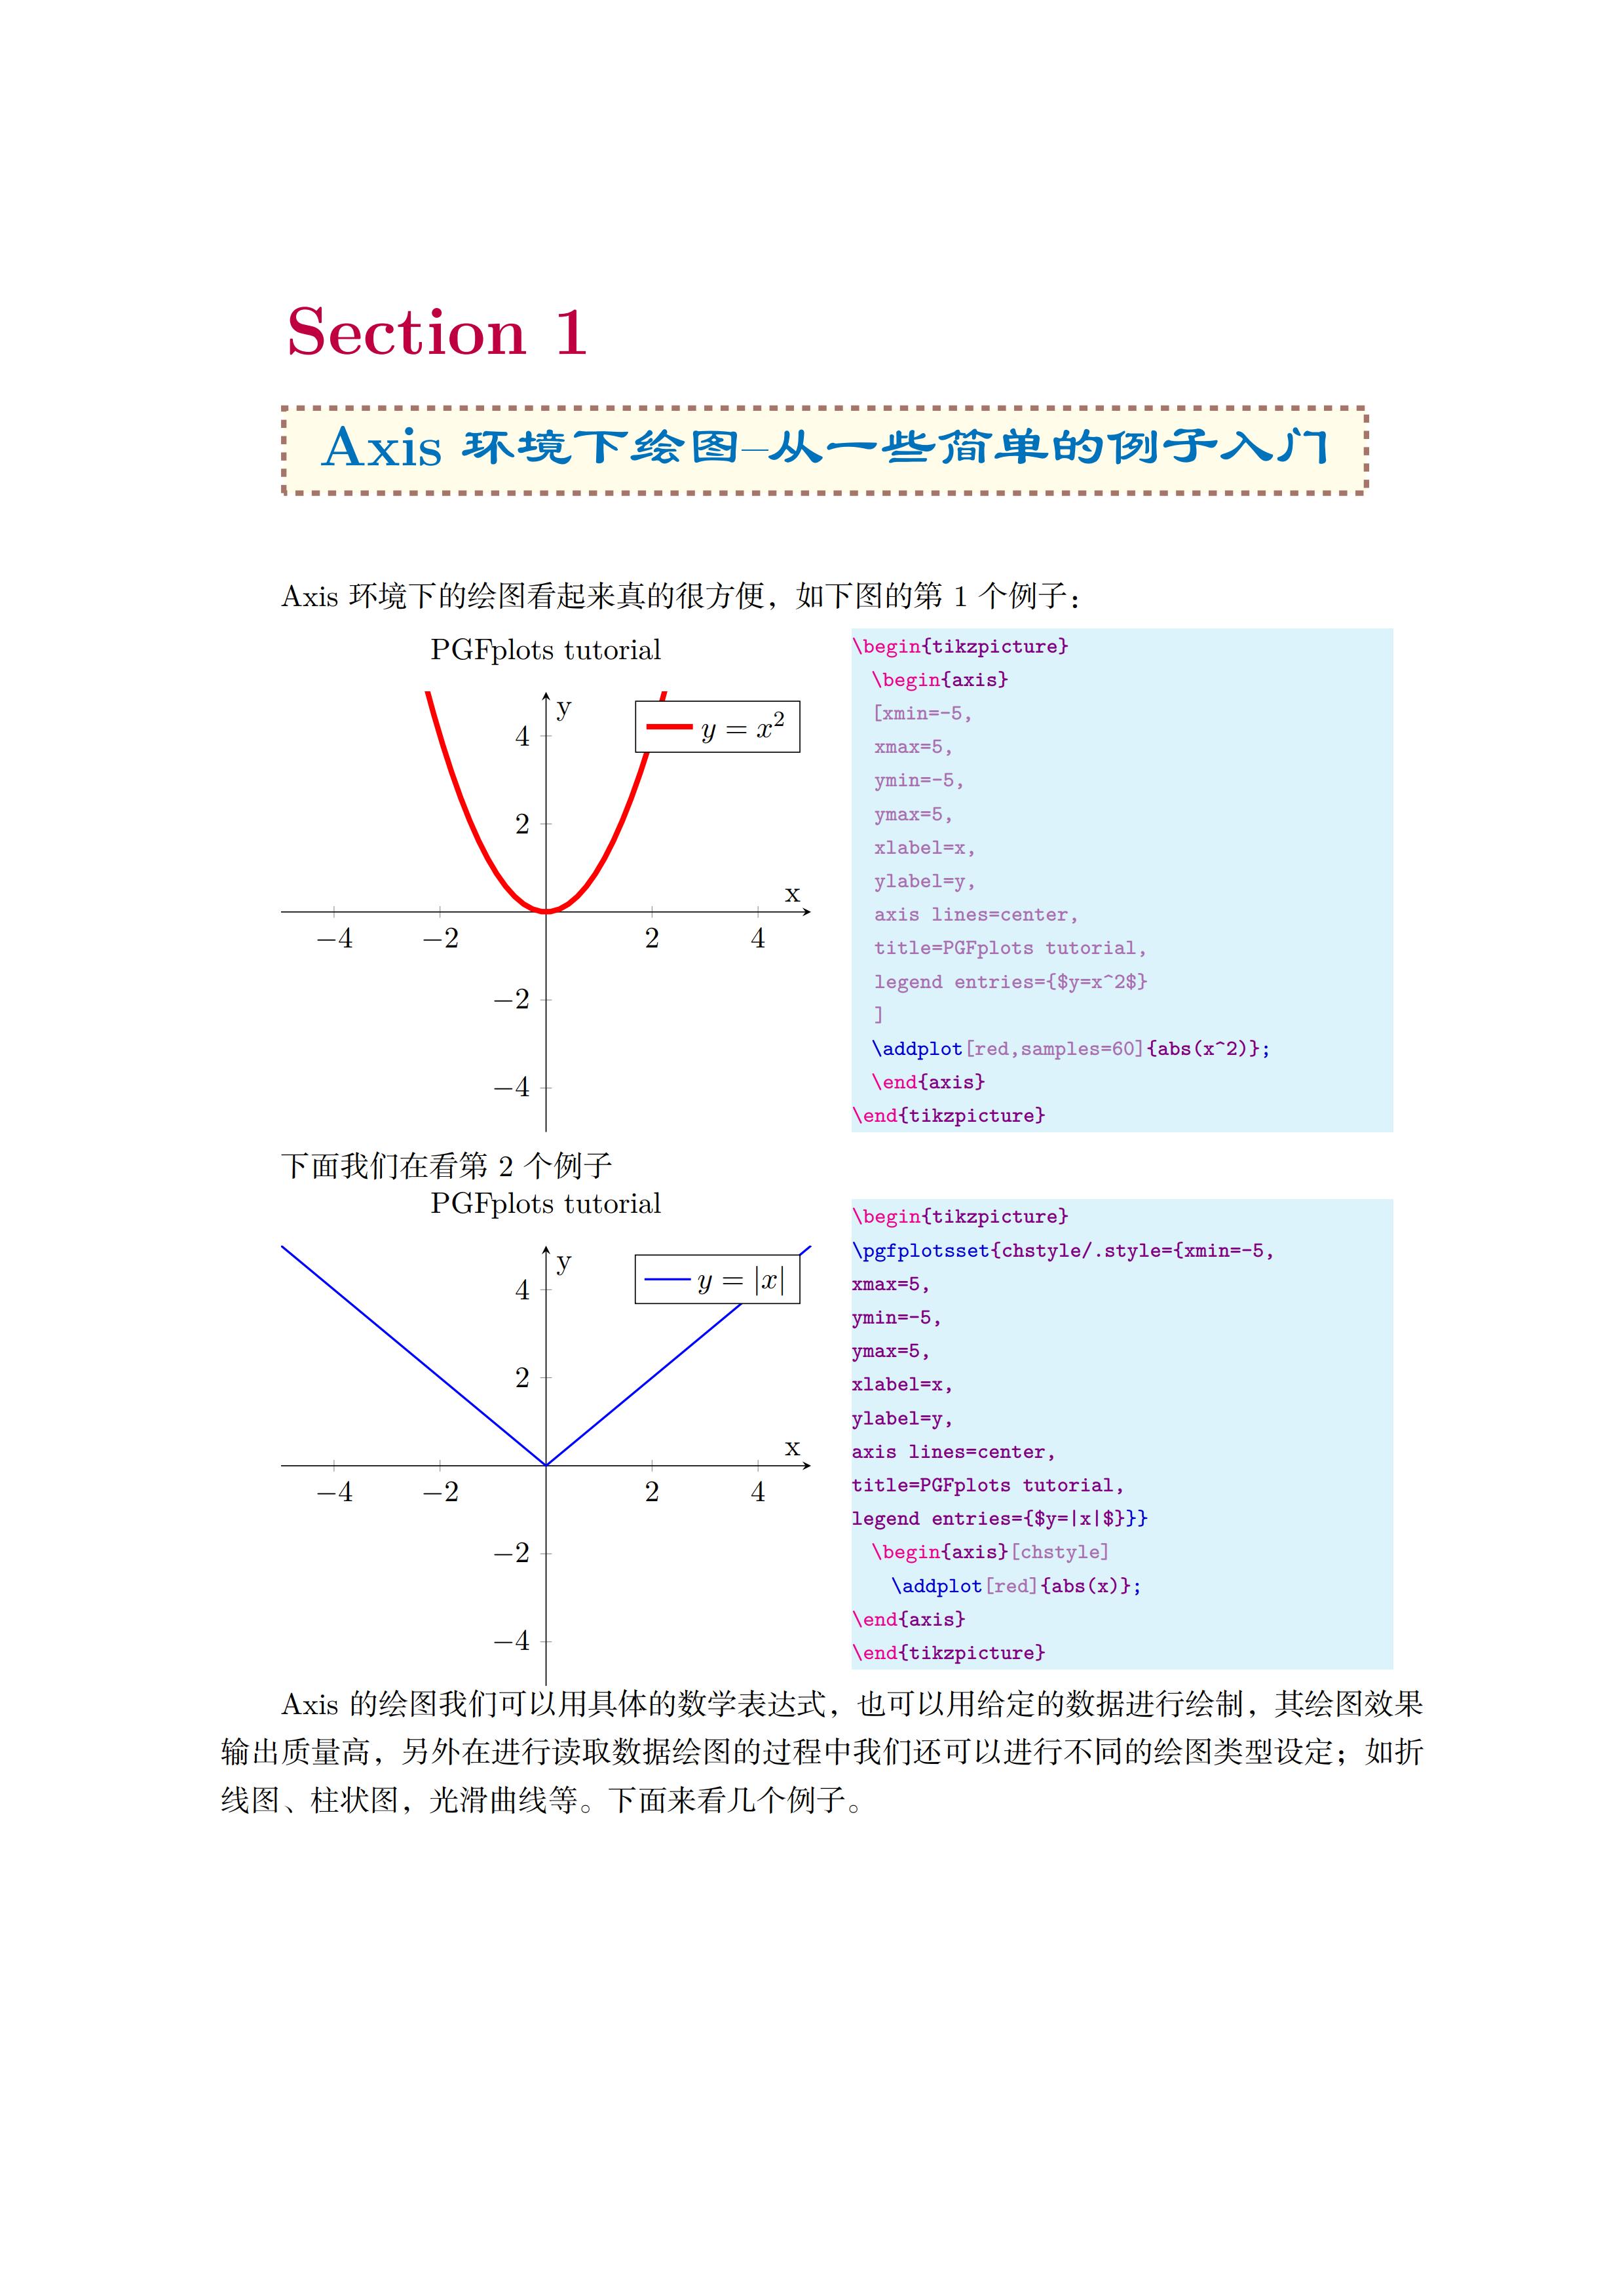 axis环境下绘图坐标设置